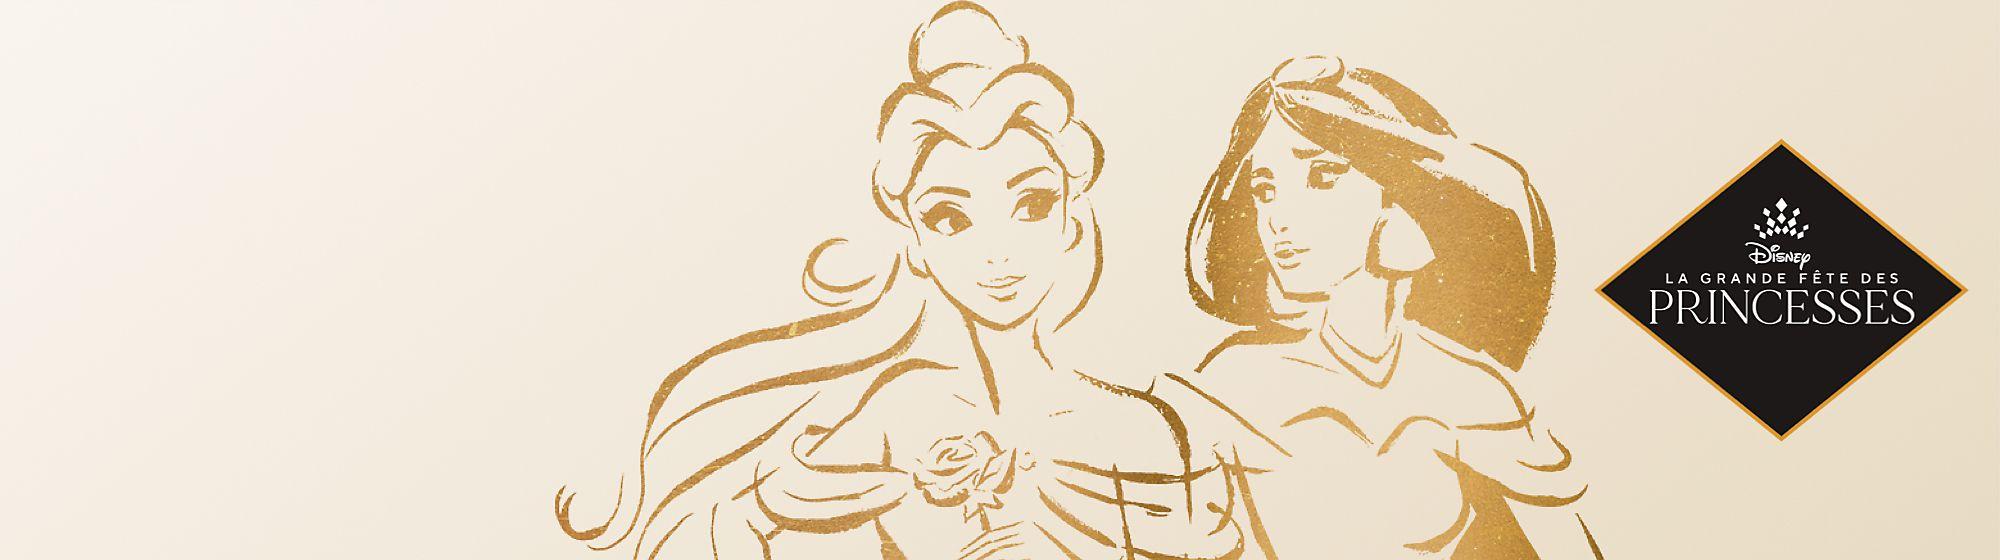 Princesses Disney pour adultes Laissez-vous séduire par notre gamme de vêtements, mugs et cadeaux Princesses Disney